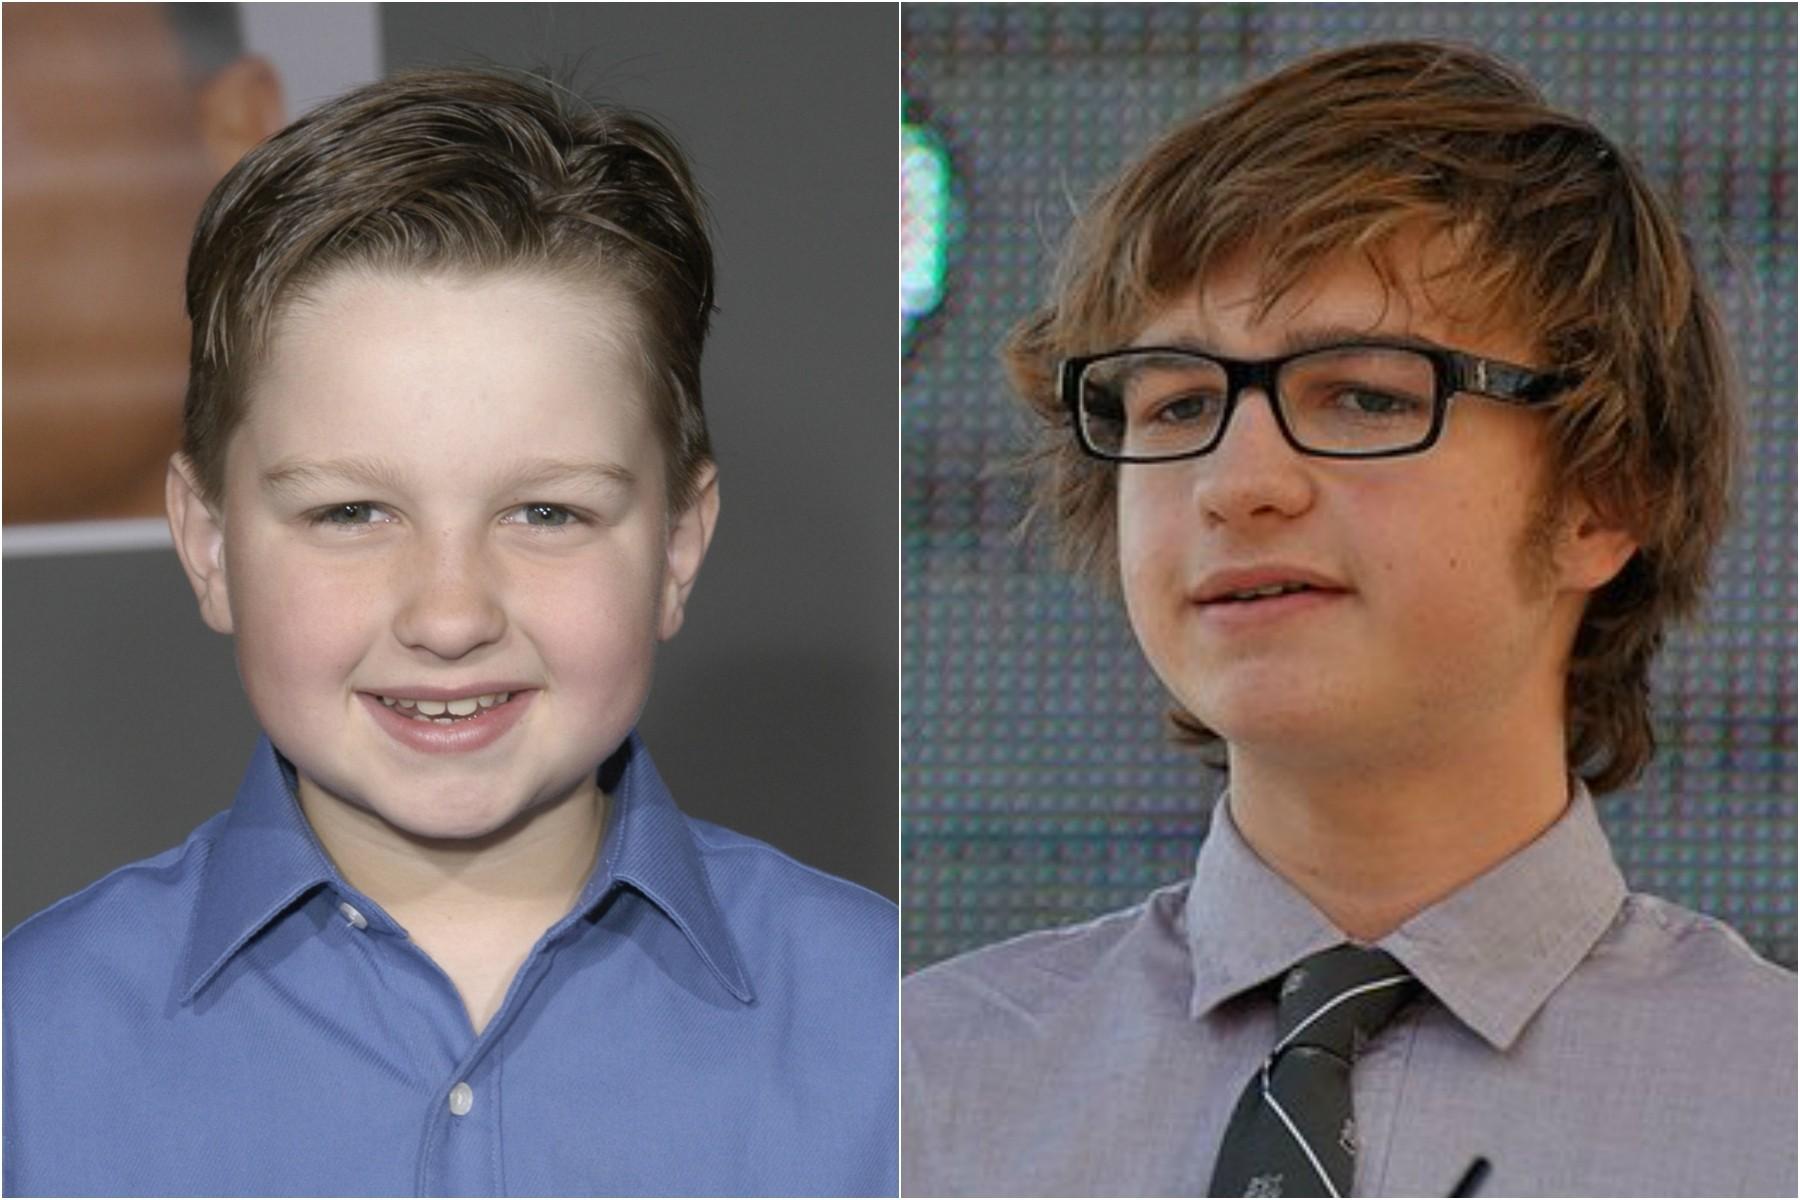 À esquerda, Angus T. Jones aos 9 anos, em 2003, primeiro ano da série 'Two and a Half Men'. À direita, o ator atualmente, com 20 anos de idade. (Foto: Getty Images)